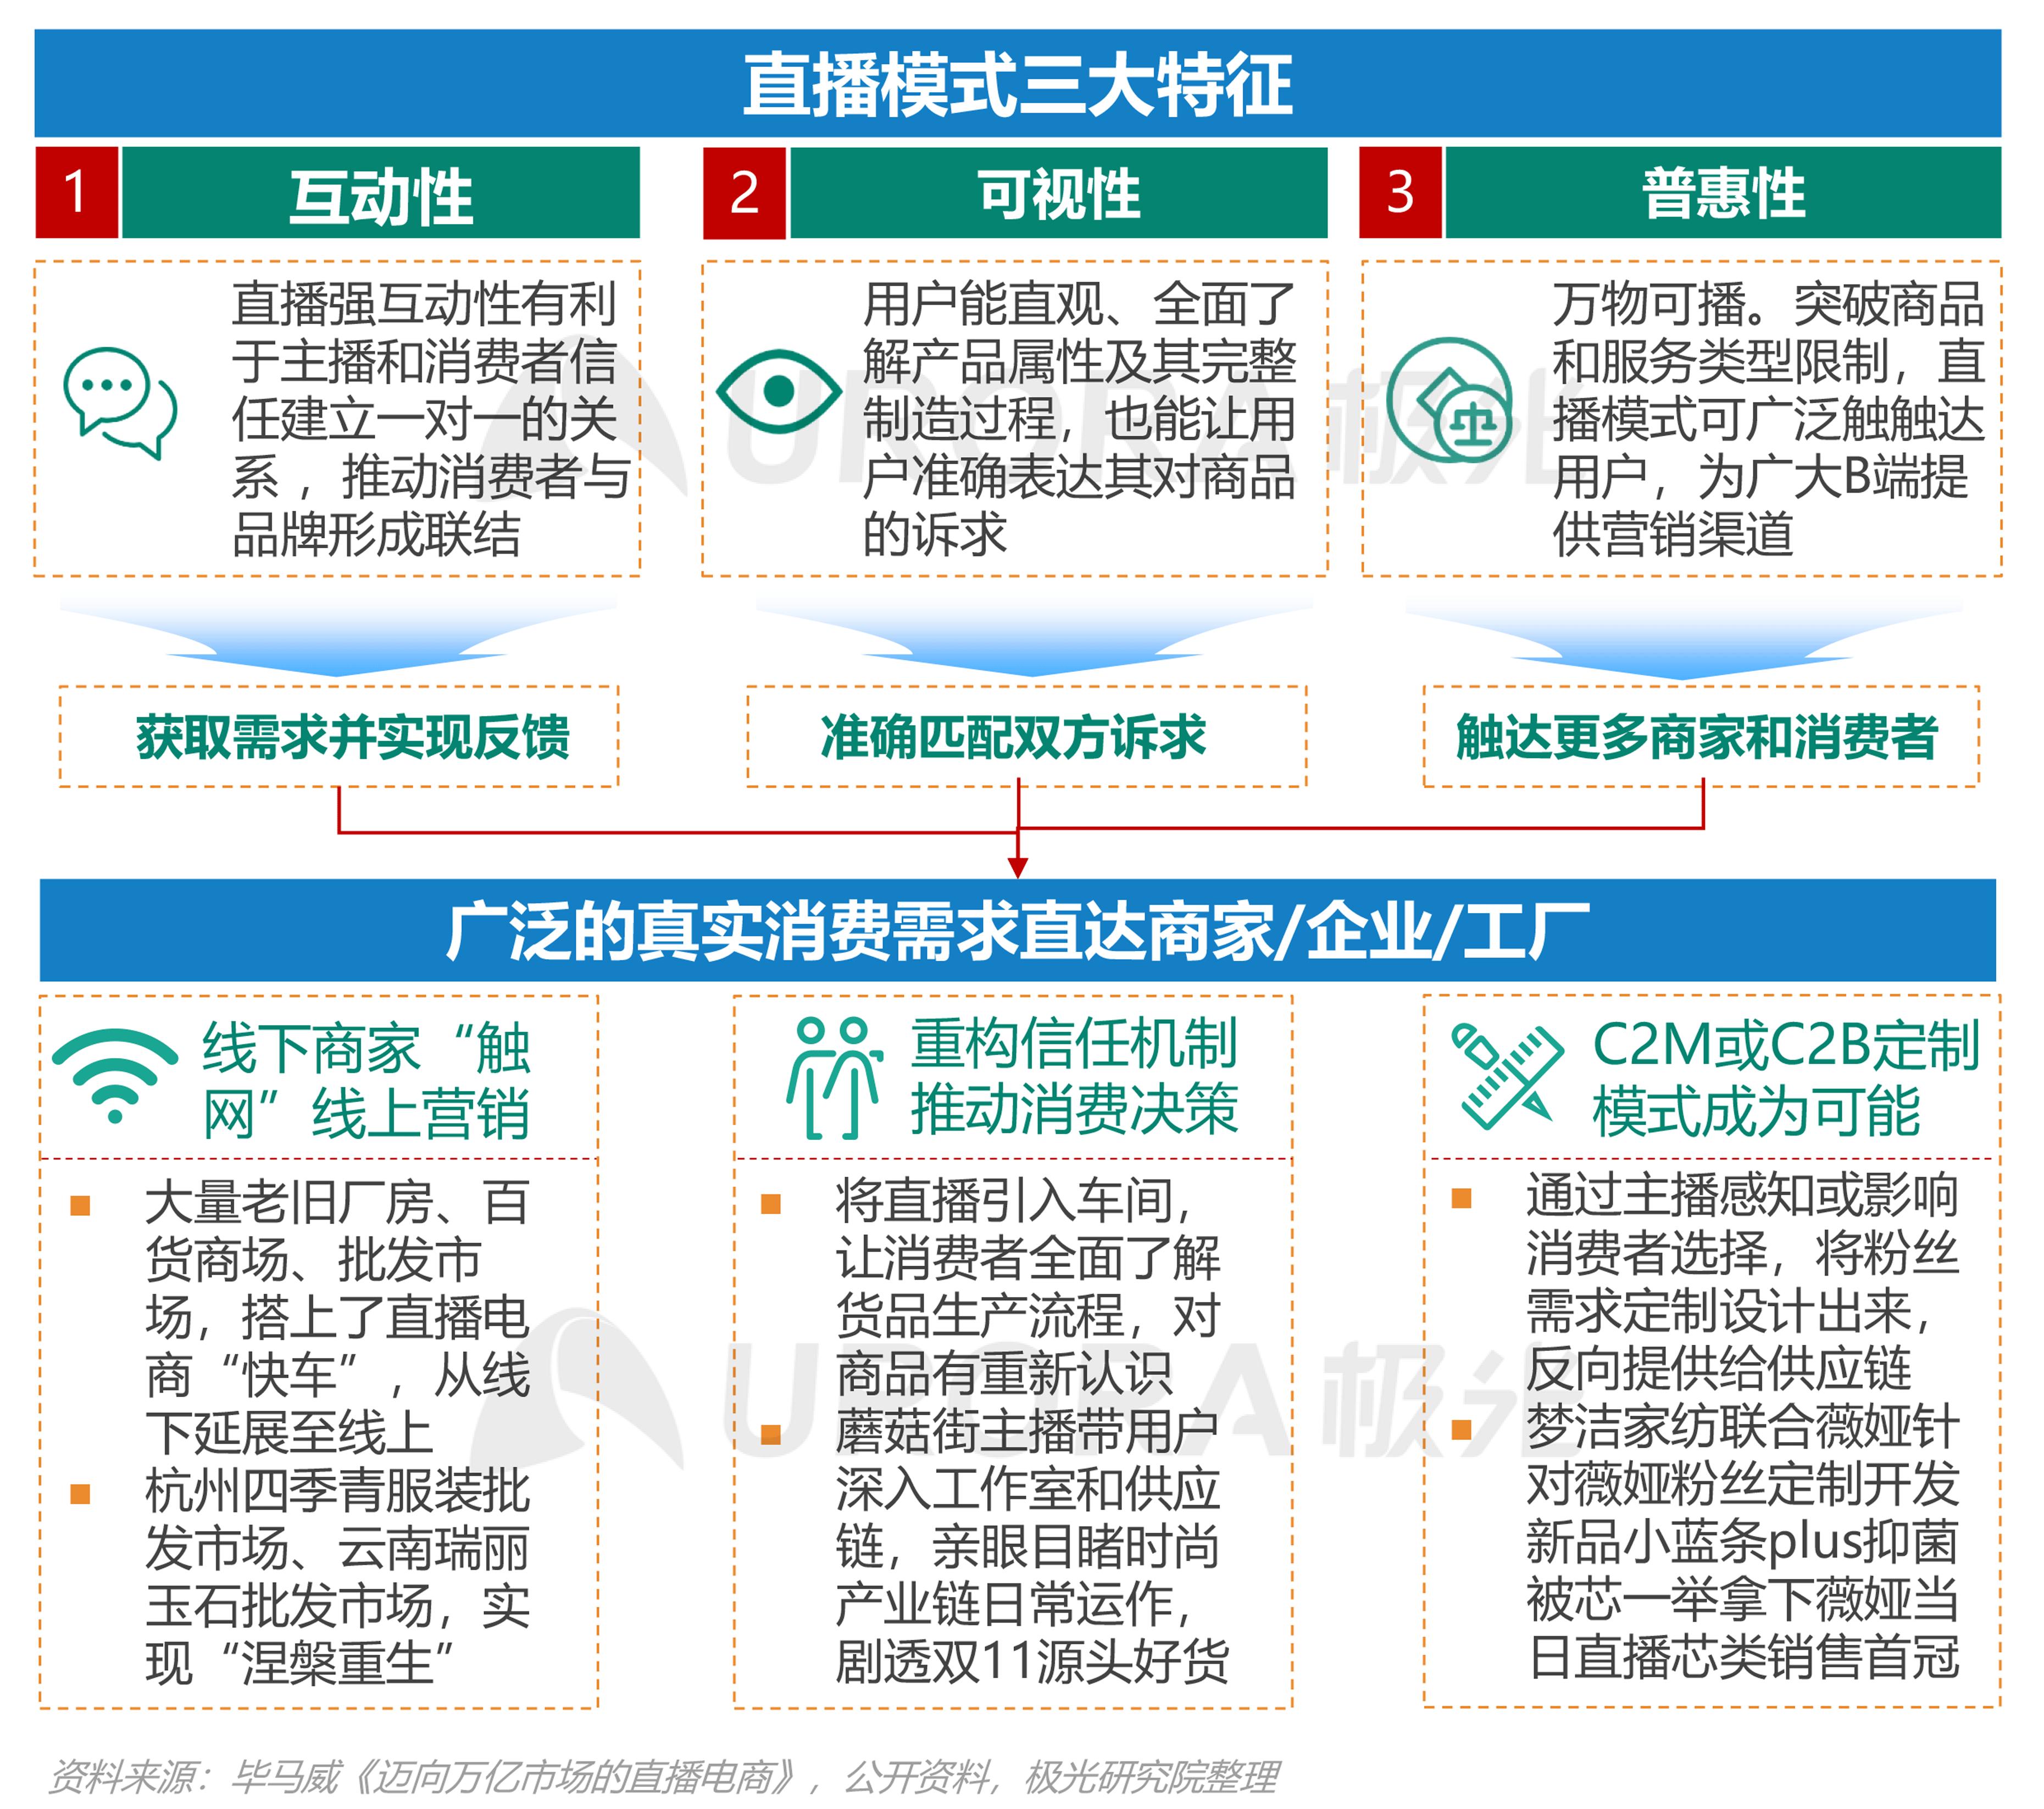 极光:双十一电商报告 (20).png